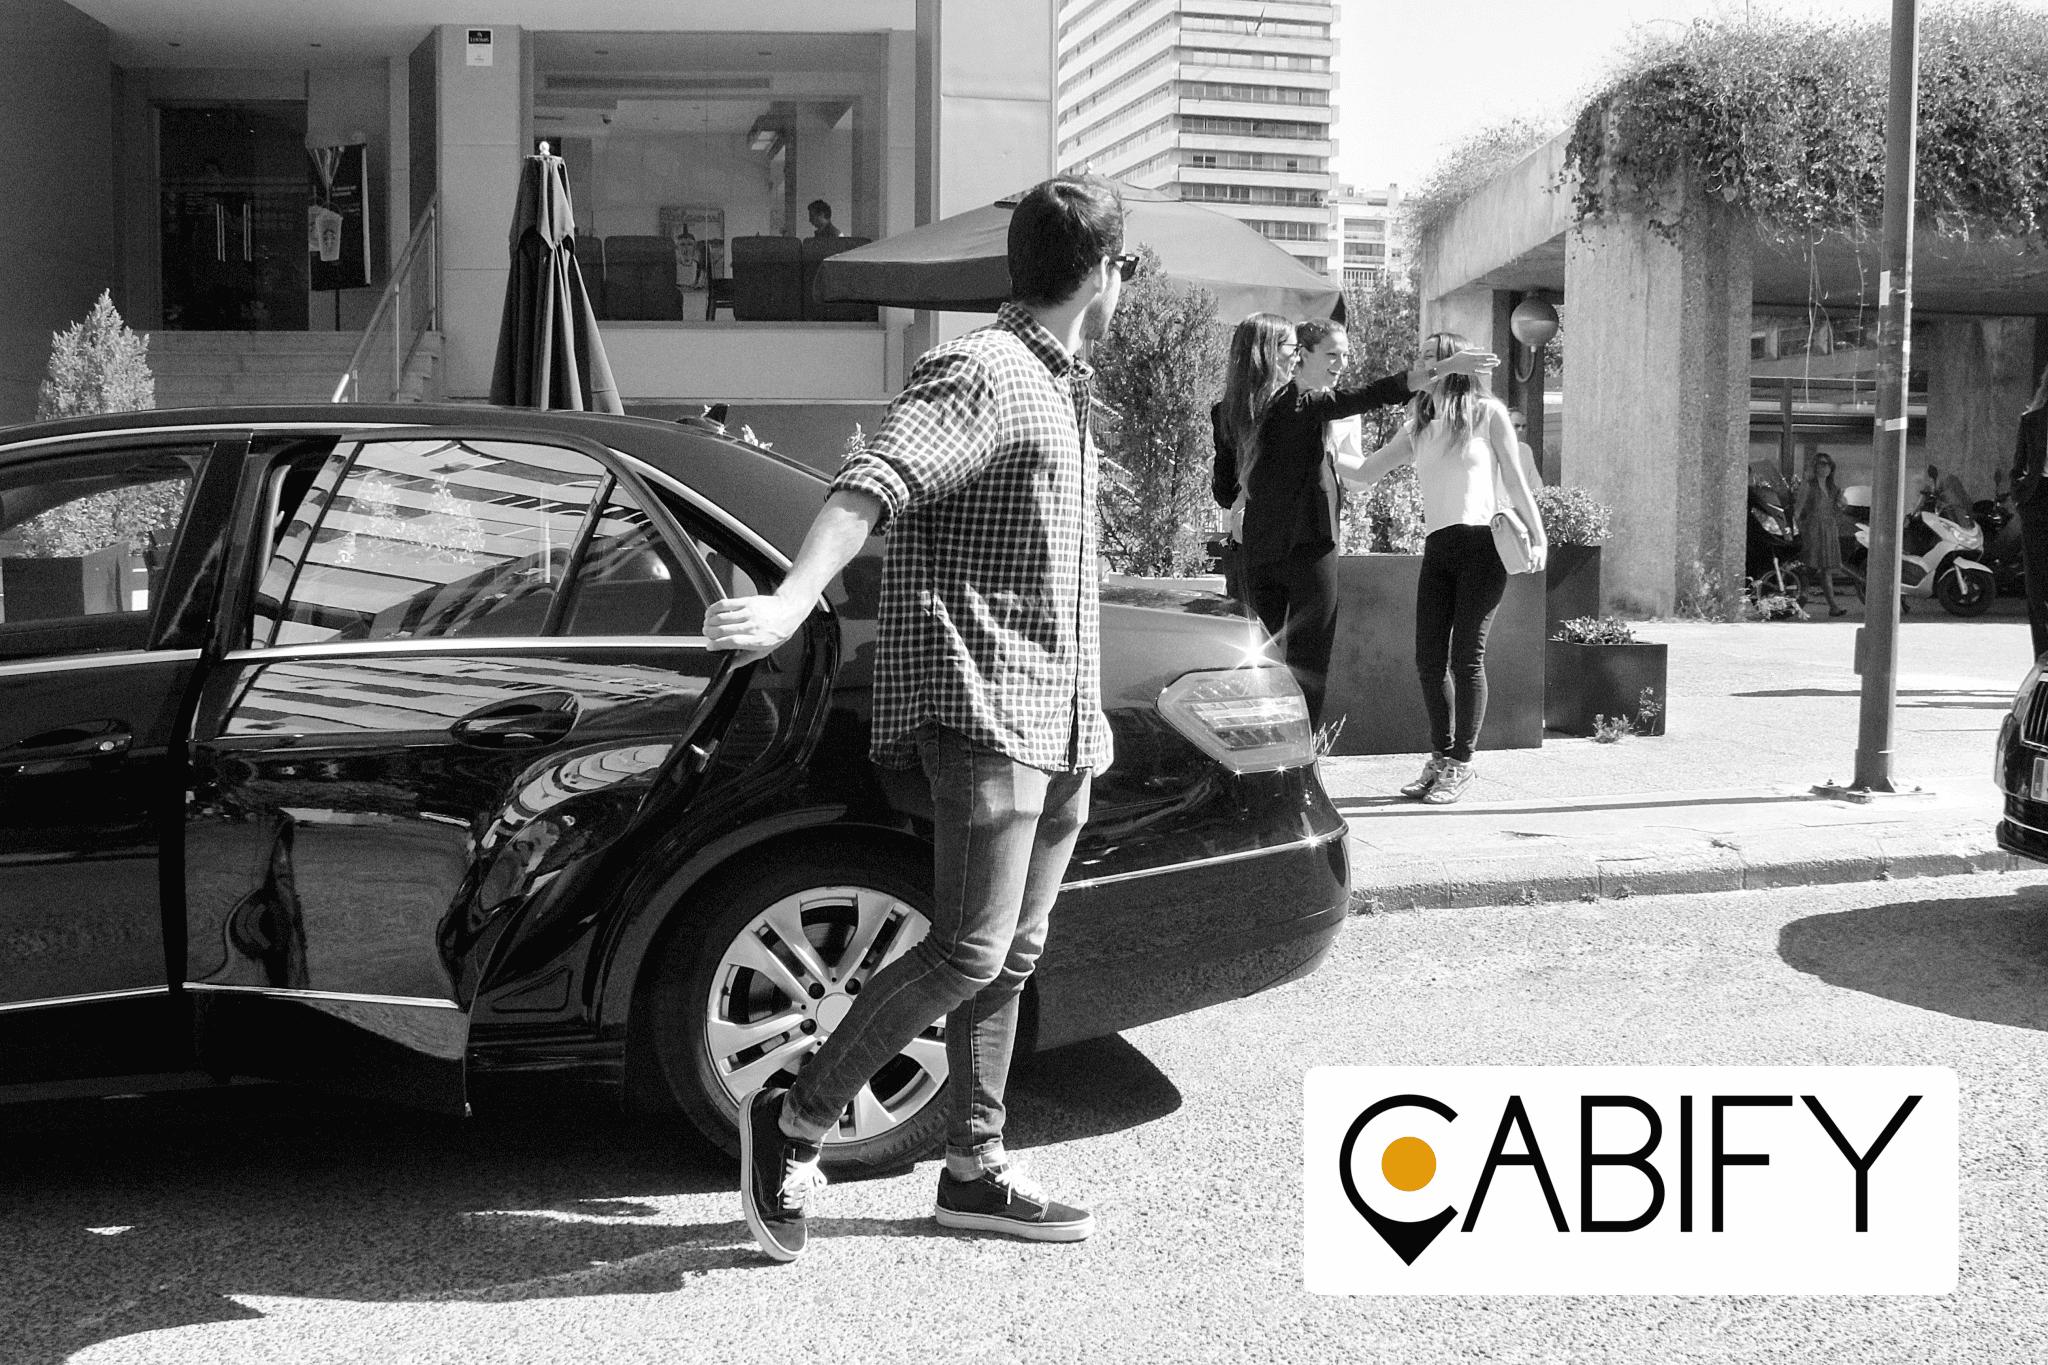 cabify_ebe